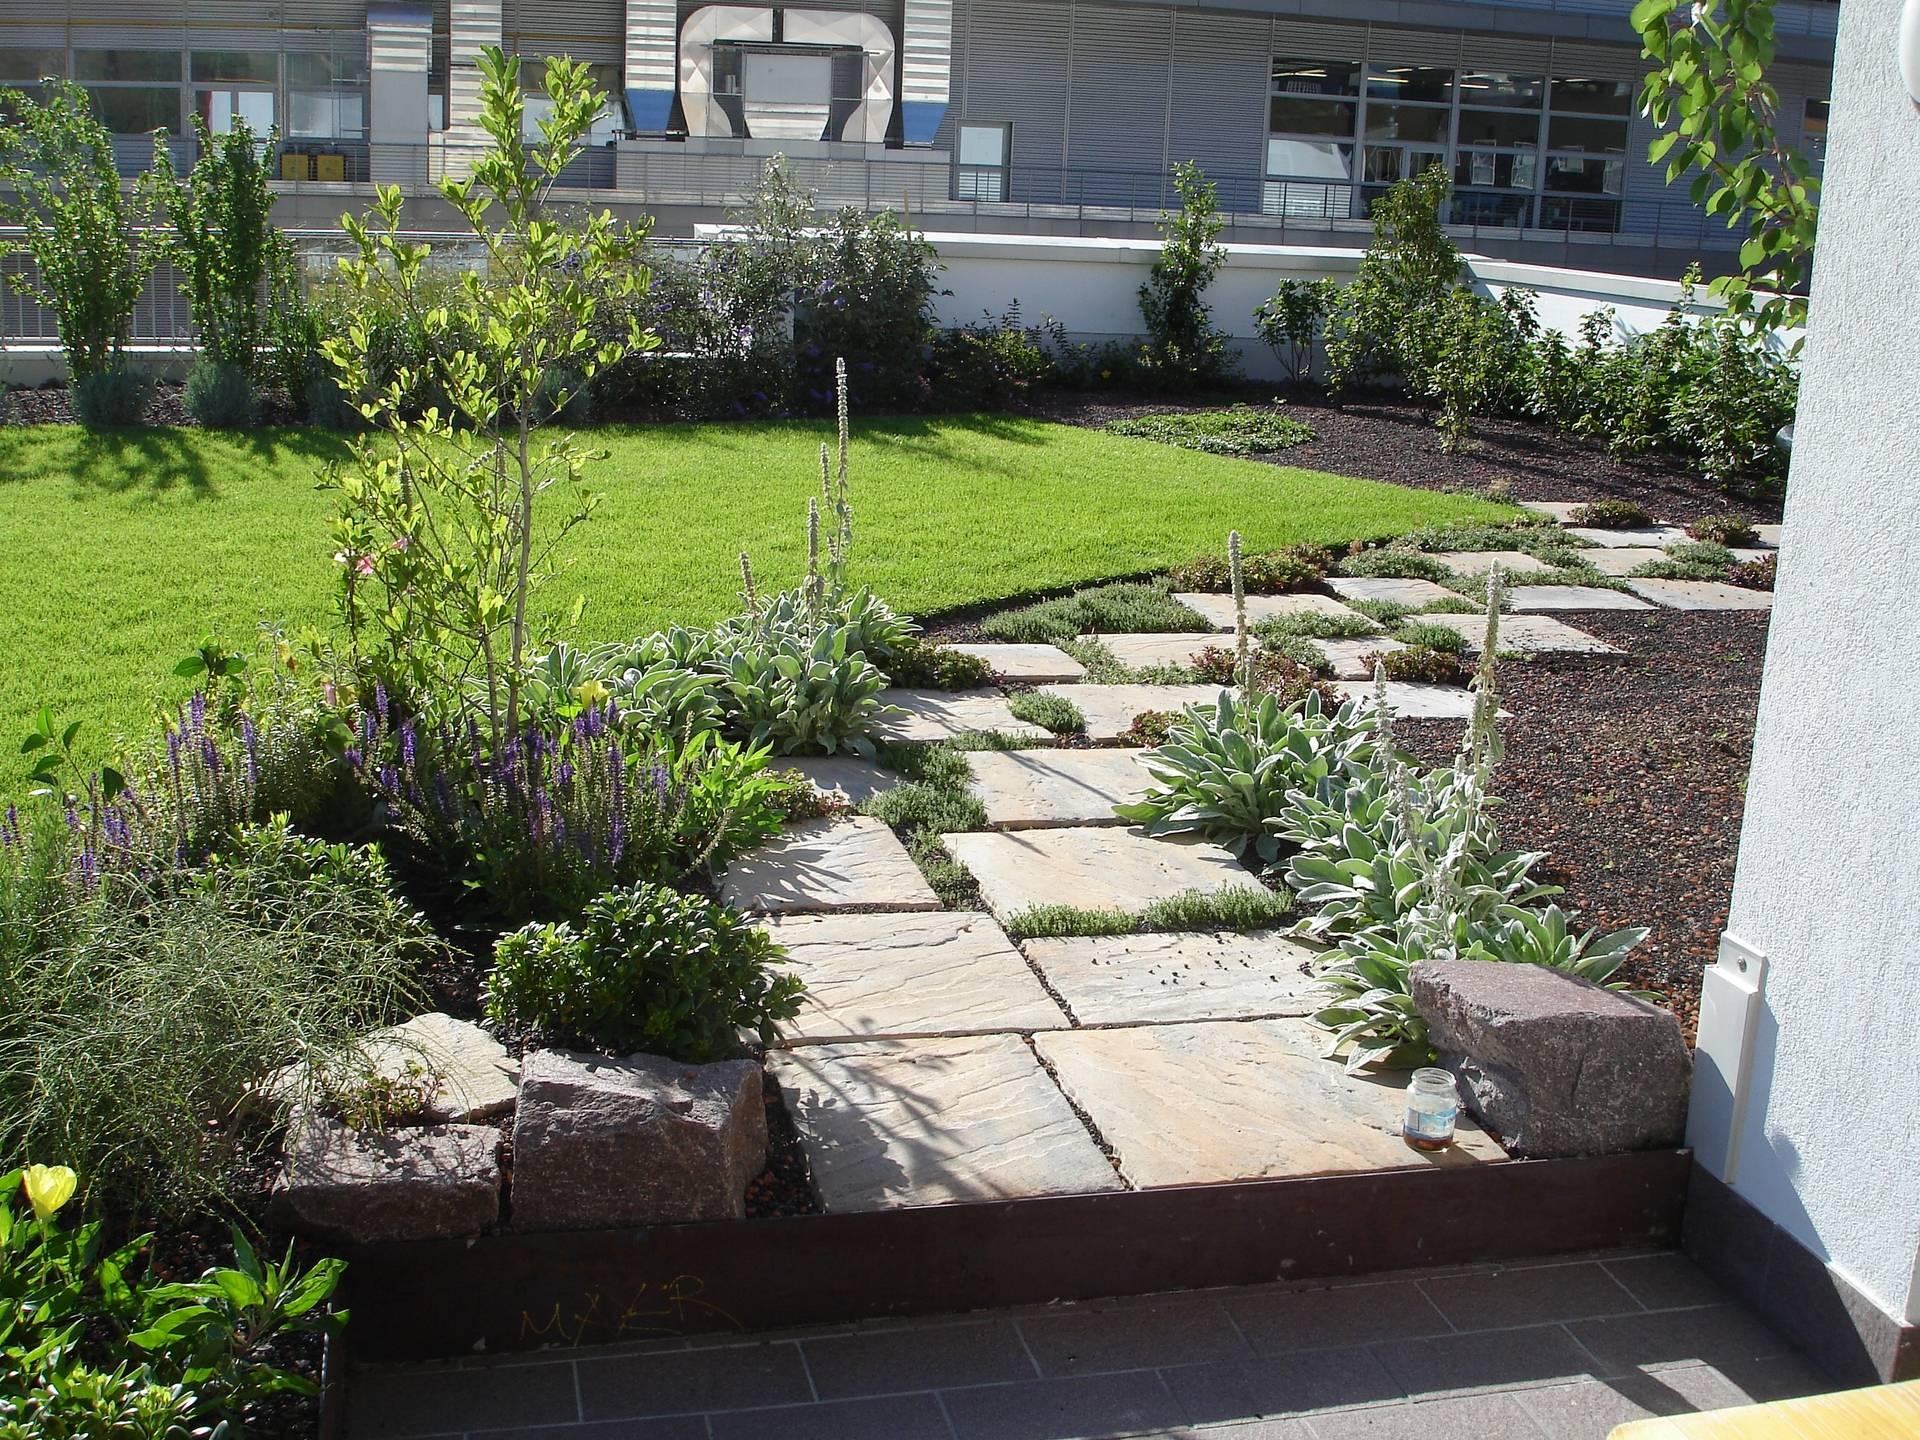 Realizzare esterni e giardini con selectiv interior design - Giardino sul tetto ...